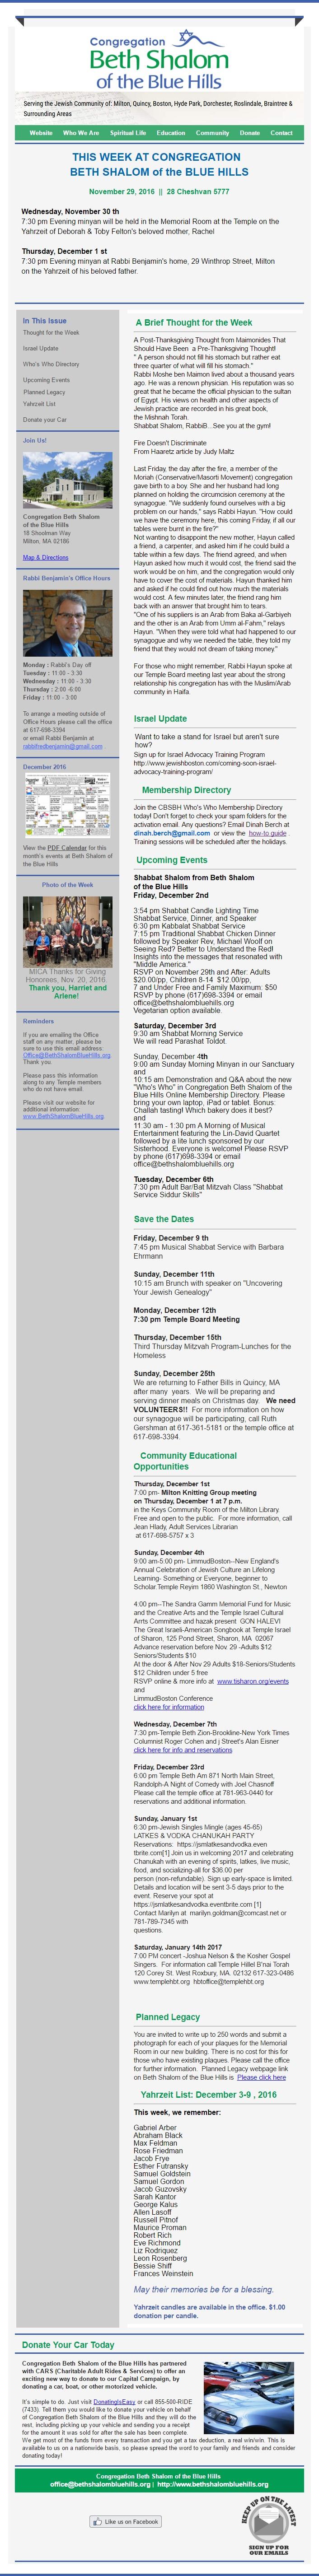 CBSBH Newsletter 11/29/16